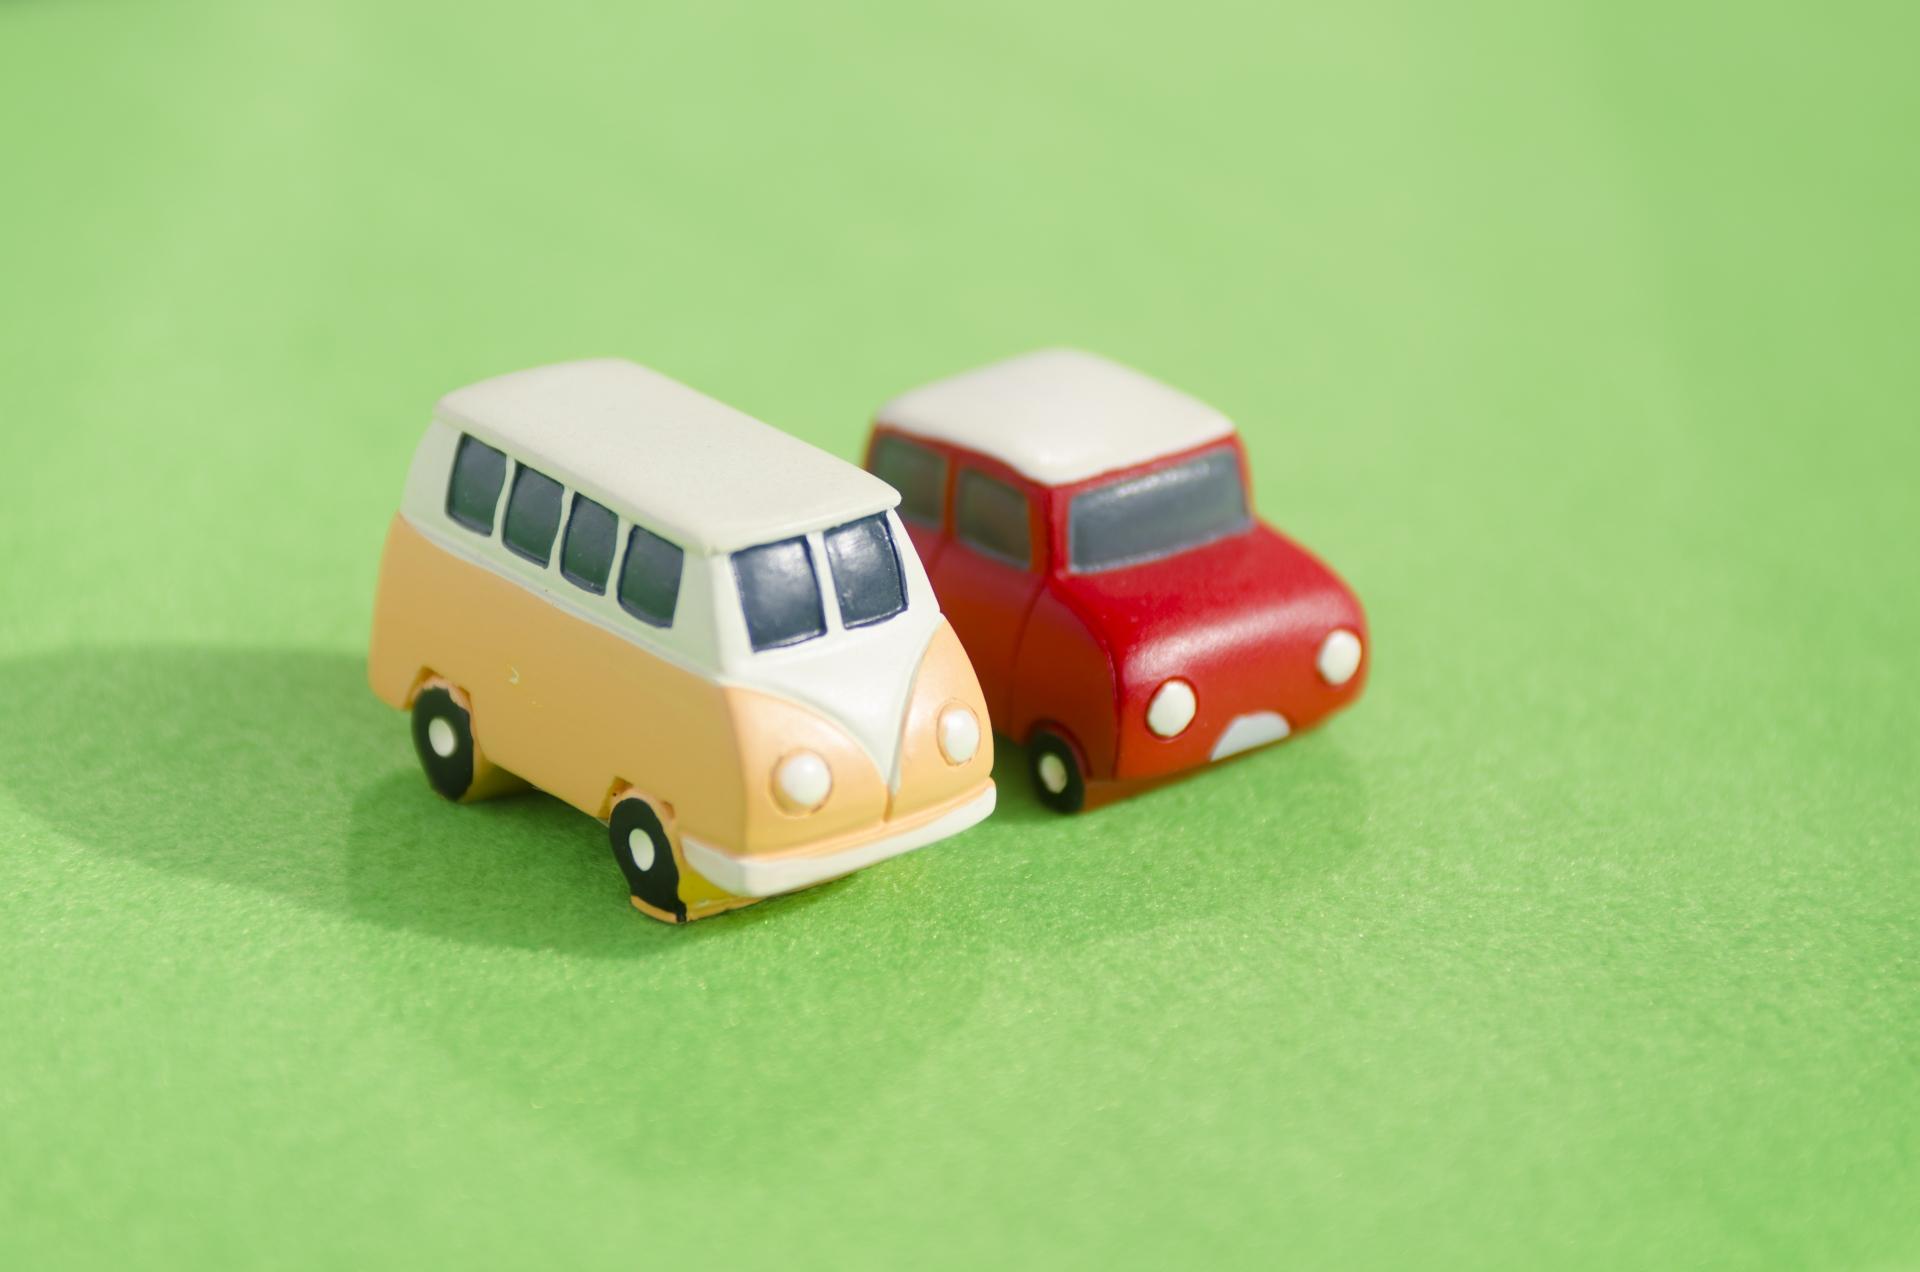 車の2台持ちについて――維持費やメリット、保険などポイントまとめ